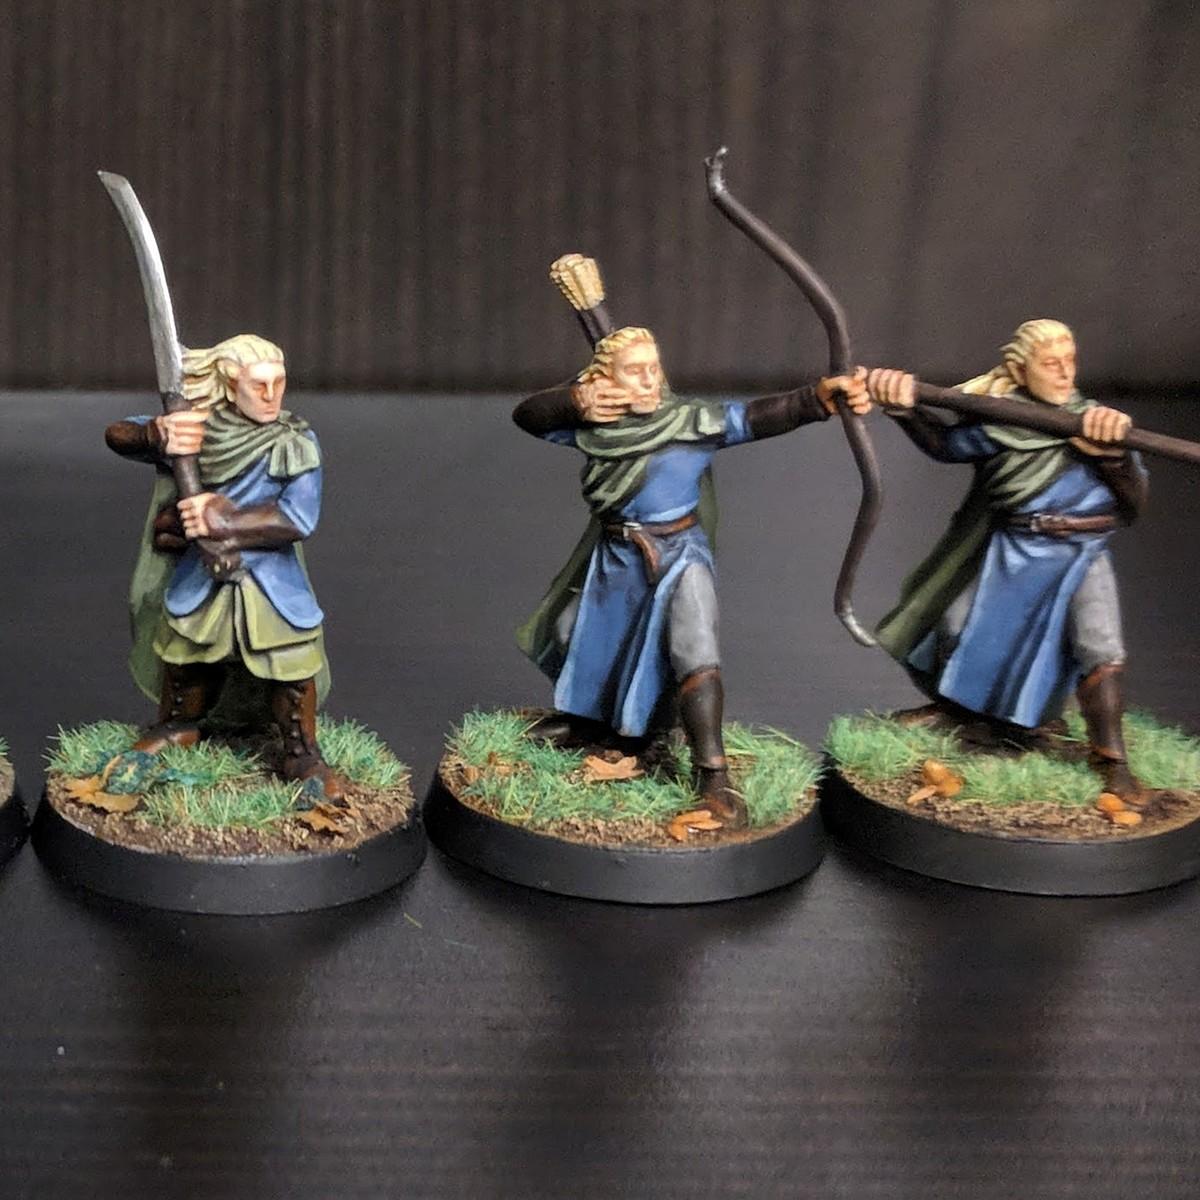 LOTR Wood Elf Warriors